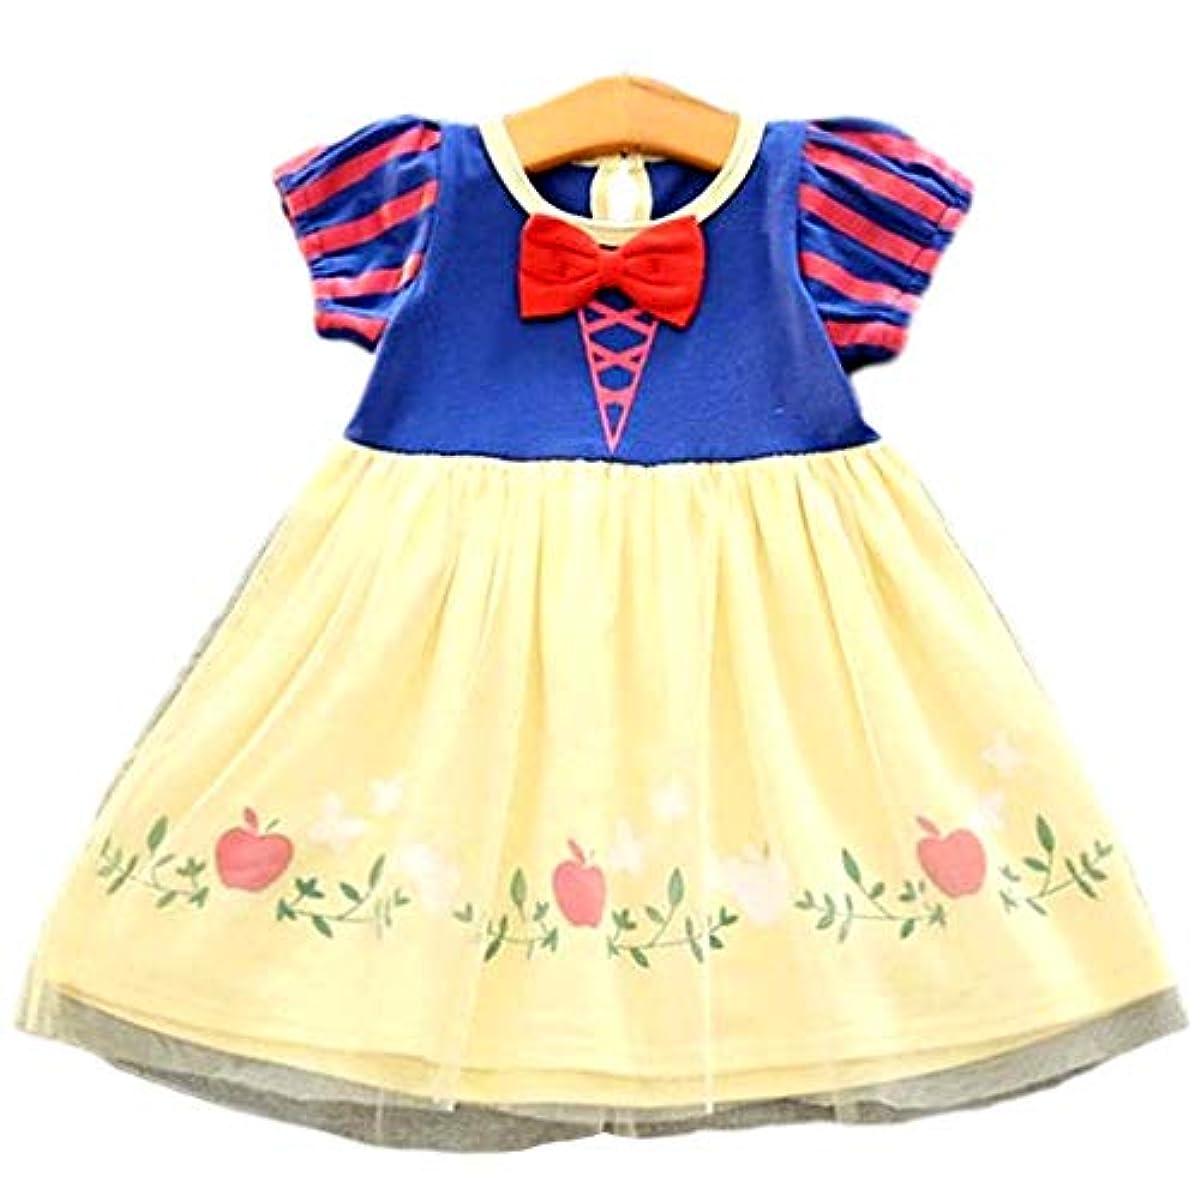 [해외] 【MON LUXE】 할로윈 가장 아이 소녀 화이트설 공주와 일곱 난쟁이 인어 프린세스 공주님 원피스 드레스 변신(나리키리) 키즈 (화이트설 공주와 일곱 난쟁이, 110)